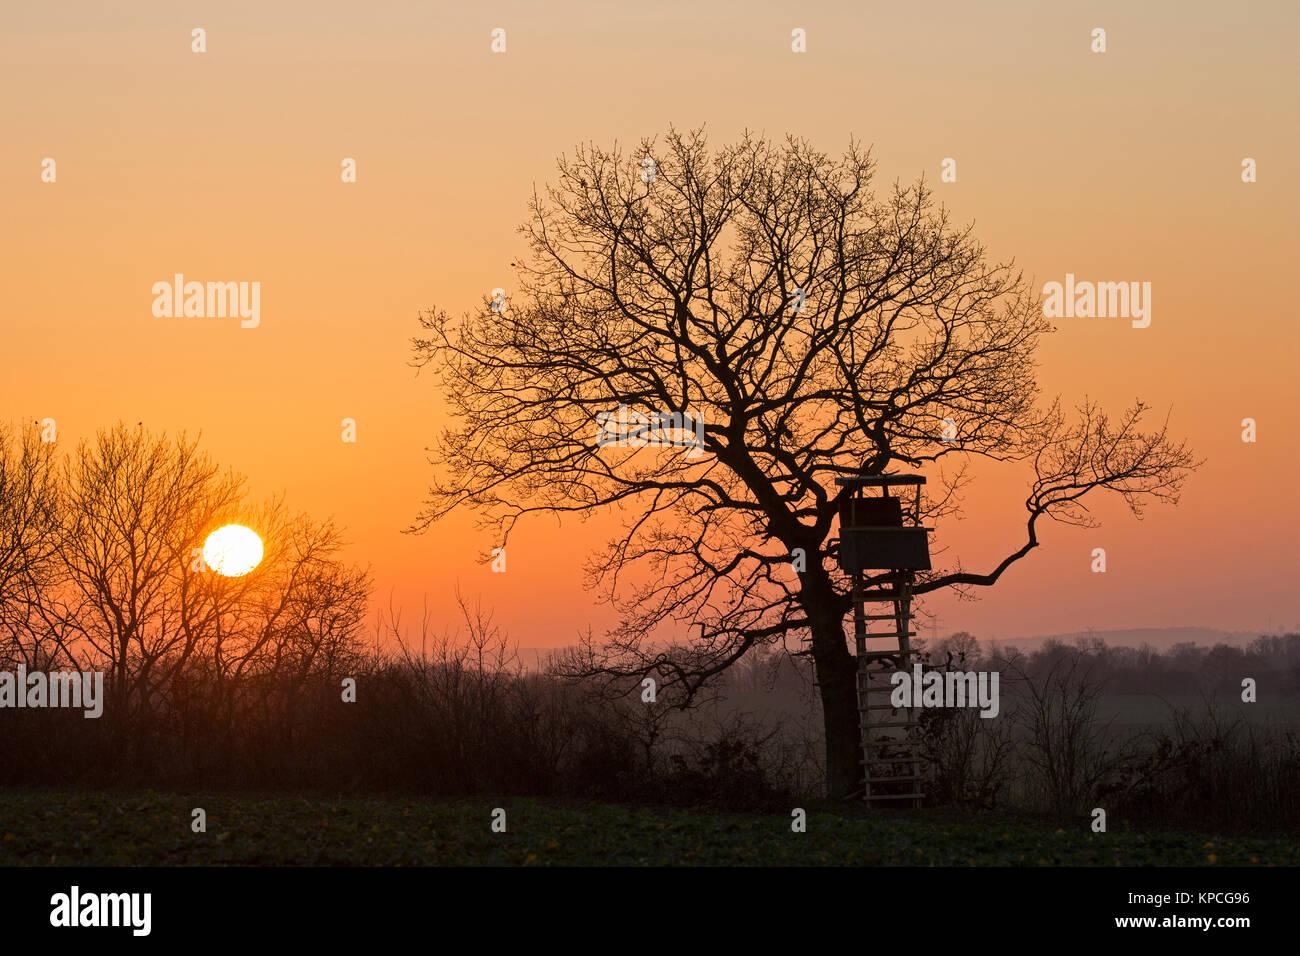 Aufgewachsen in Baum gegen Sonnenuntergang im Winter Silhouette verbergen Stockbild